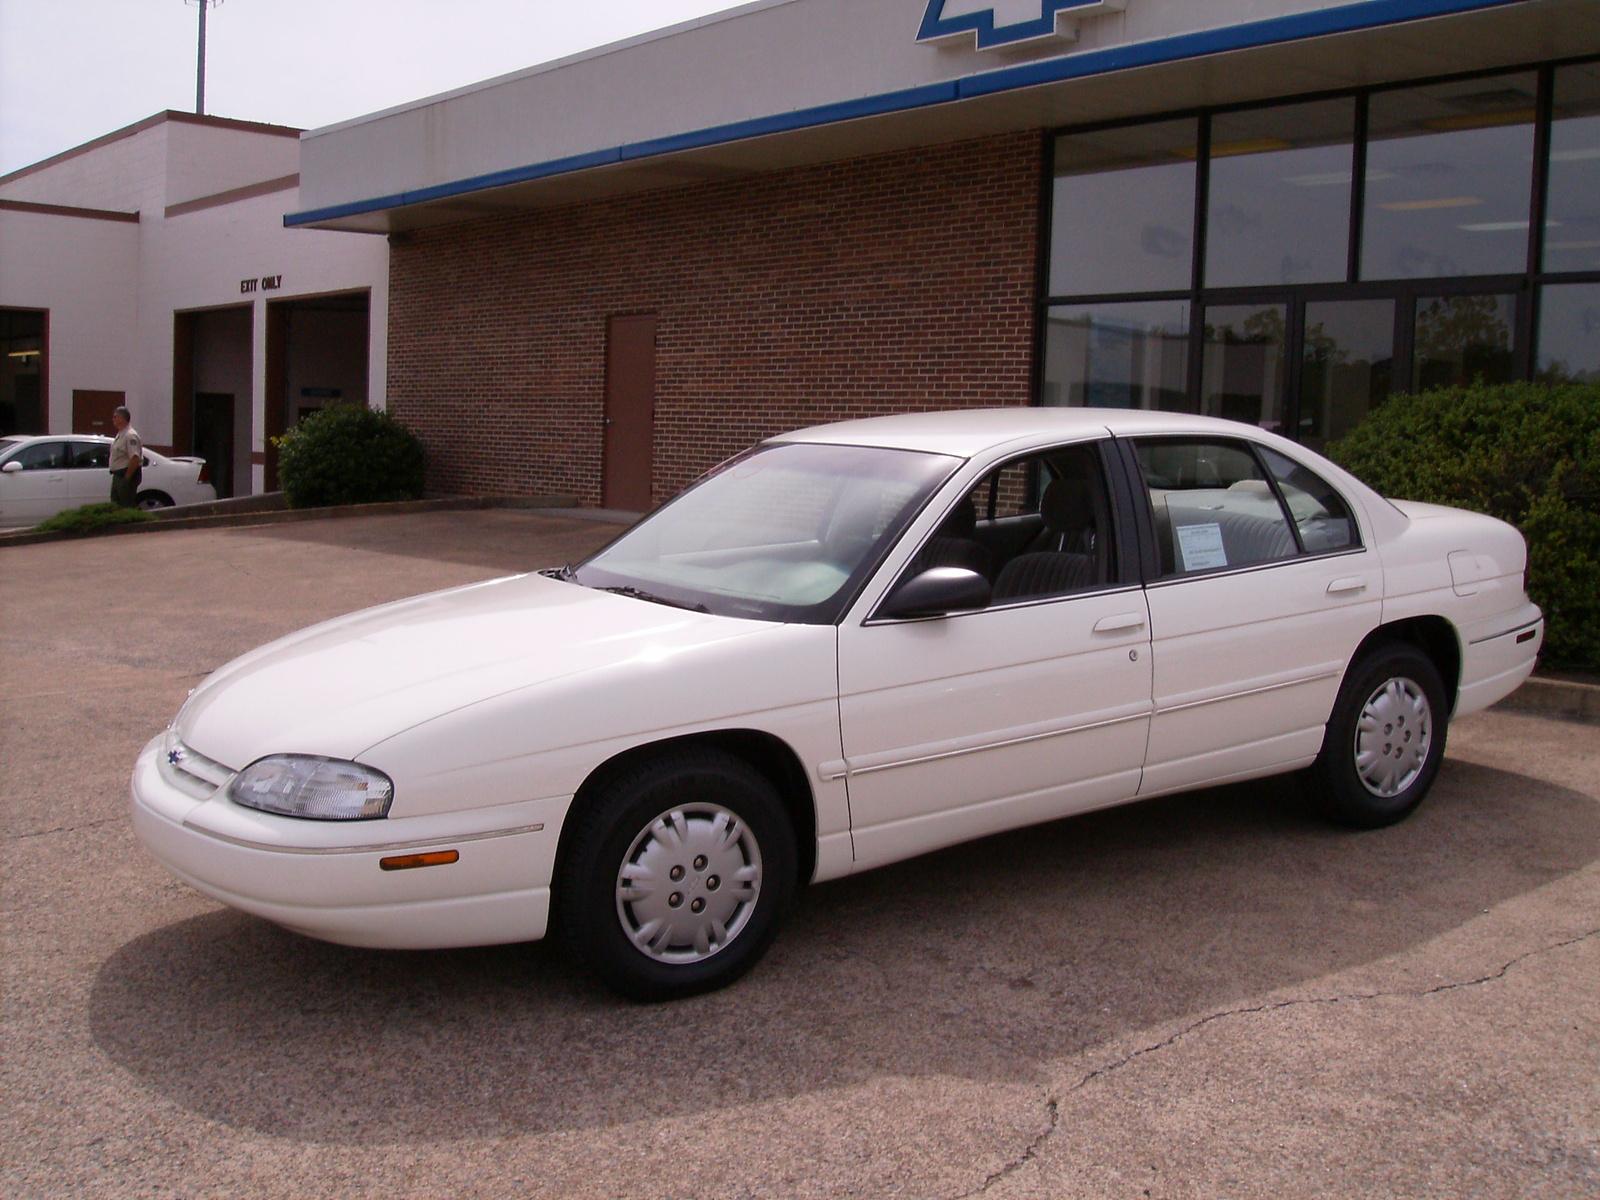 Chevrolet Lumina 3 4 I V6 213 Hp